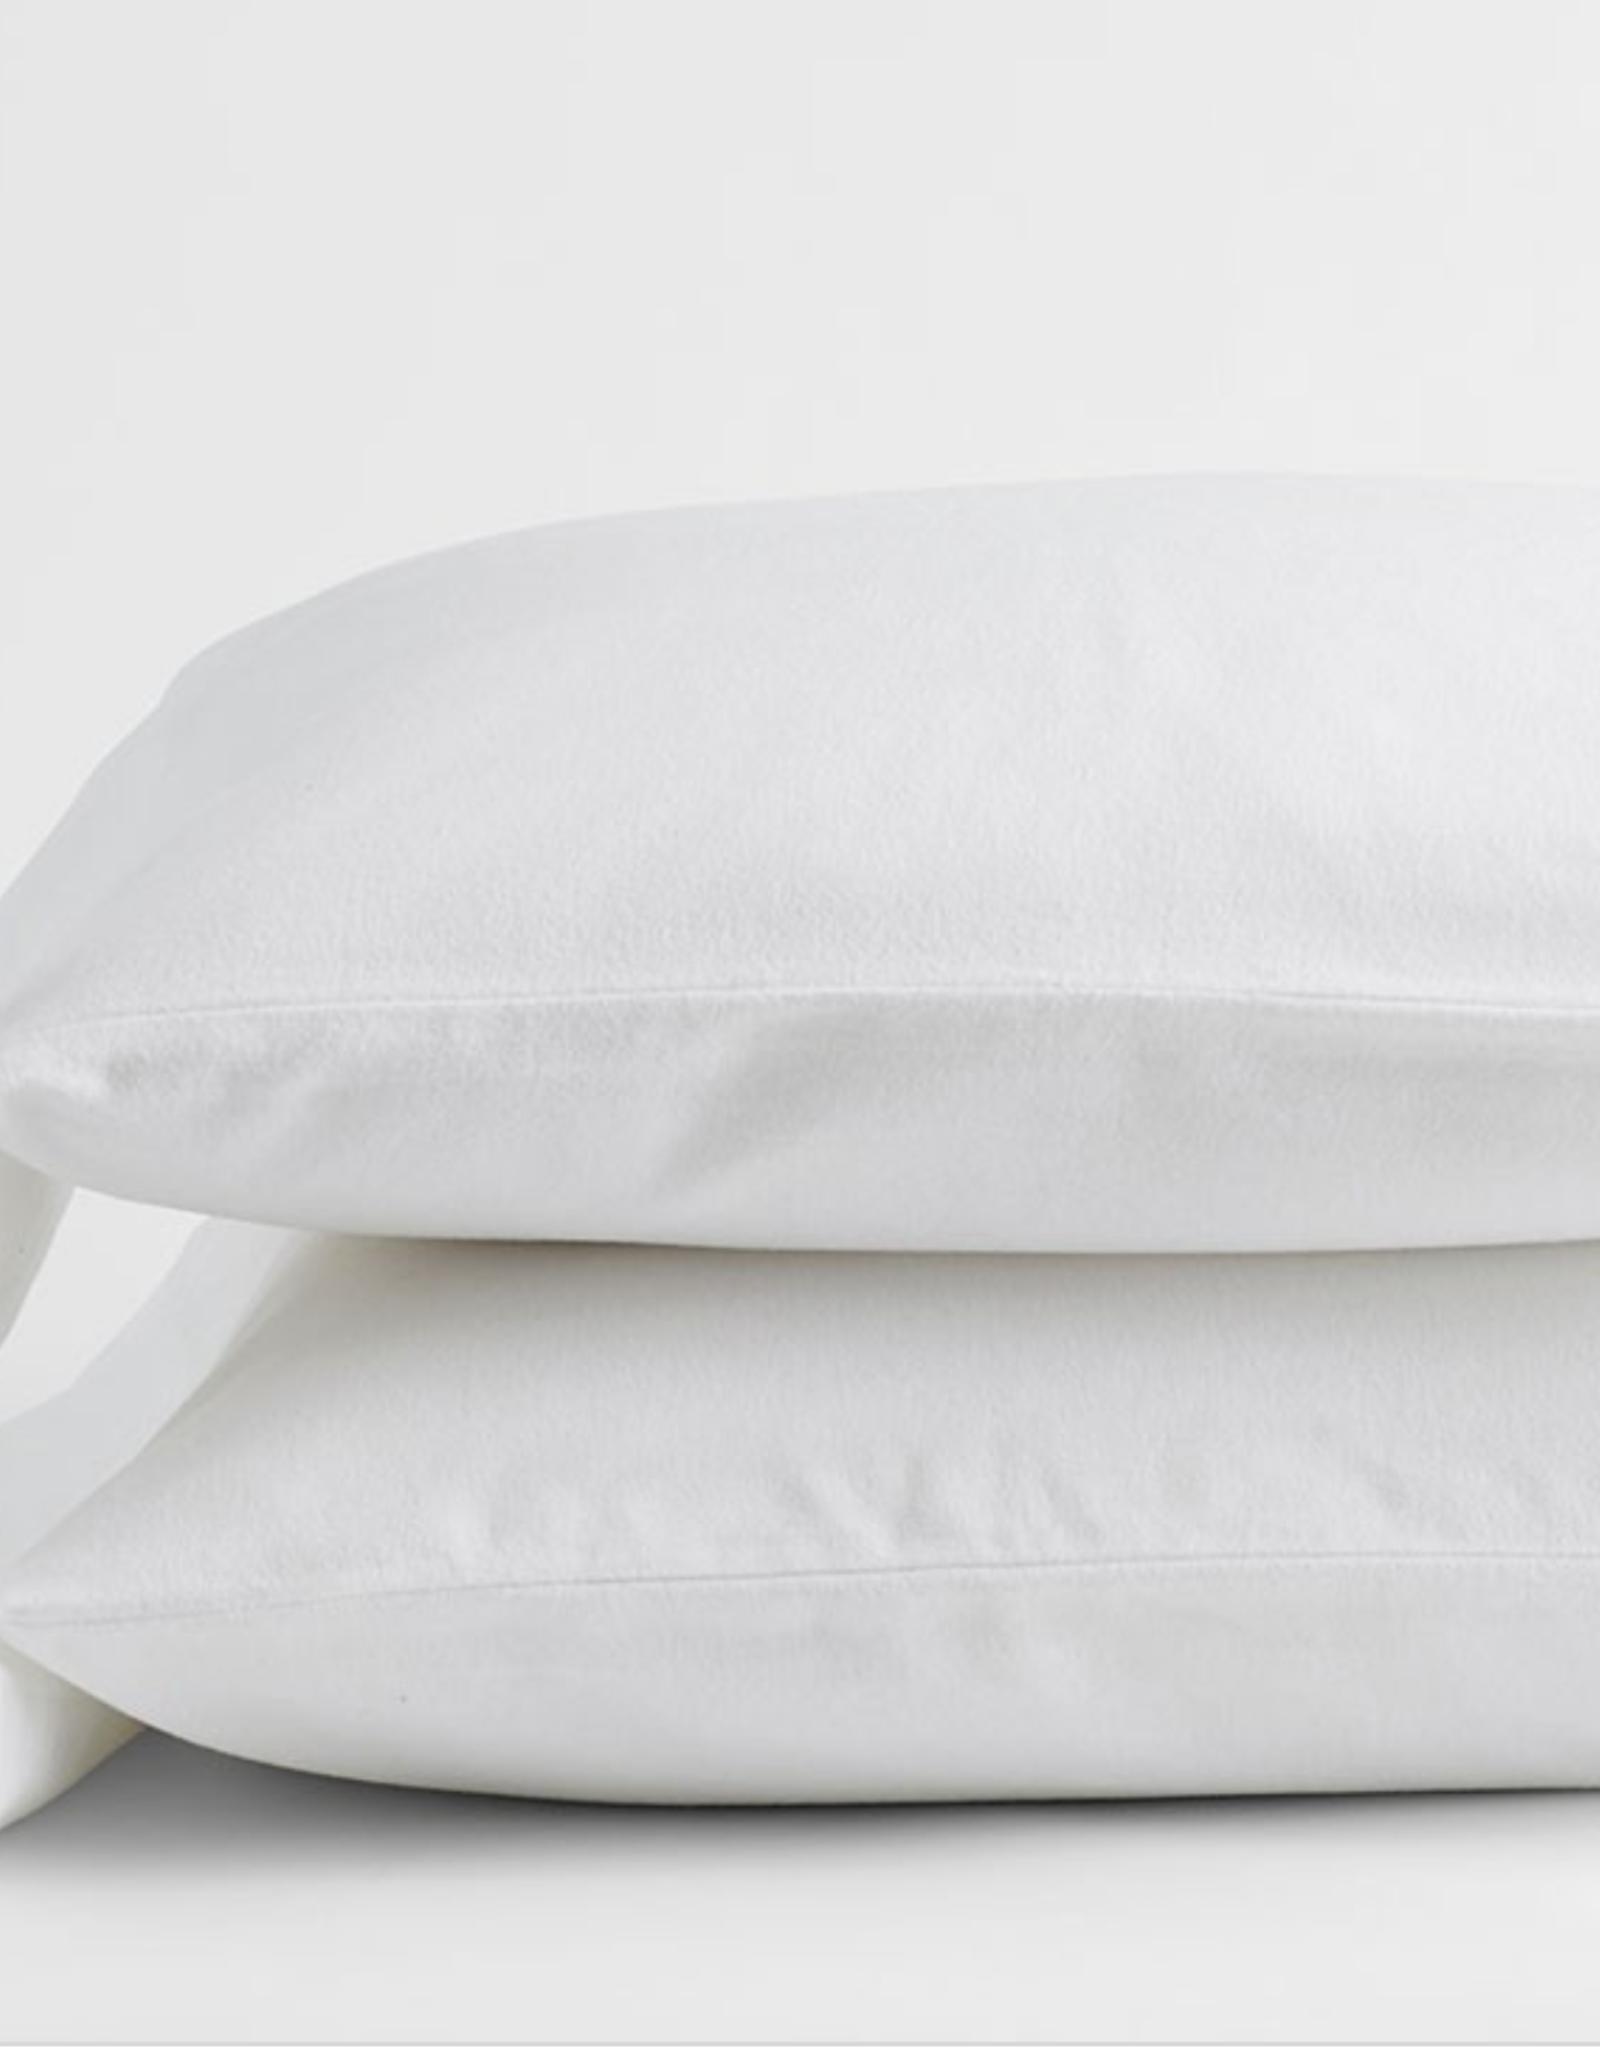 Intermark Pillow Cases Dormisette Flannel King White ( Pair )